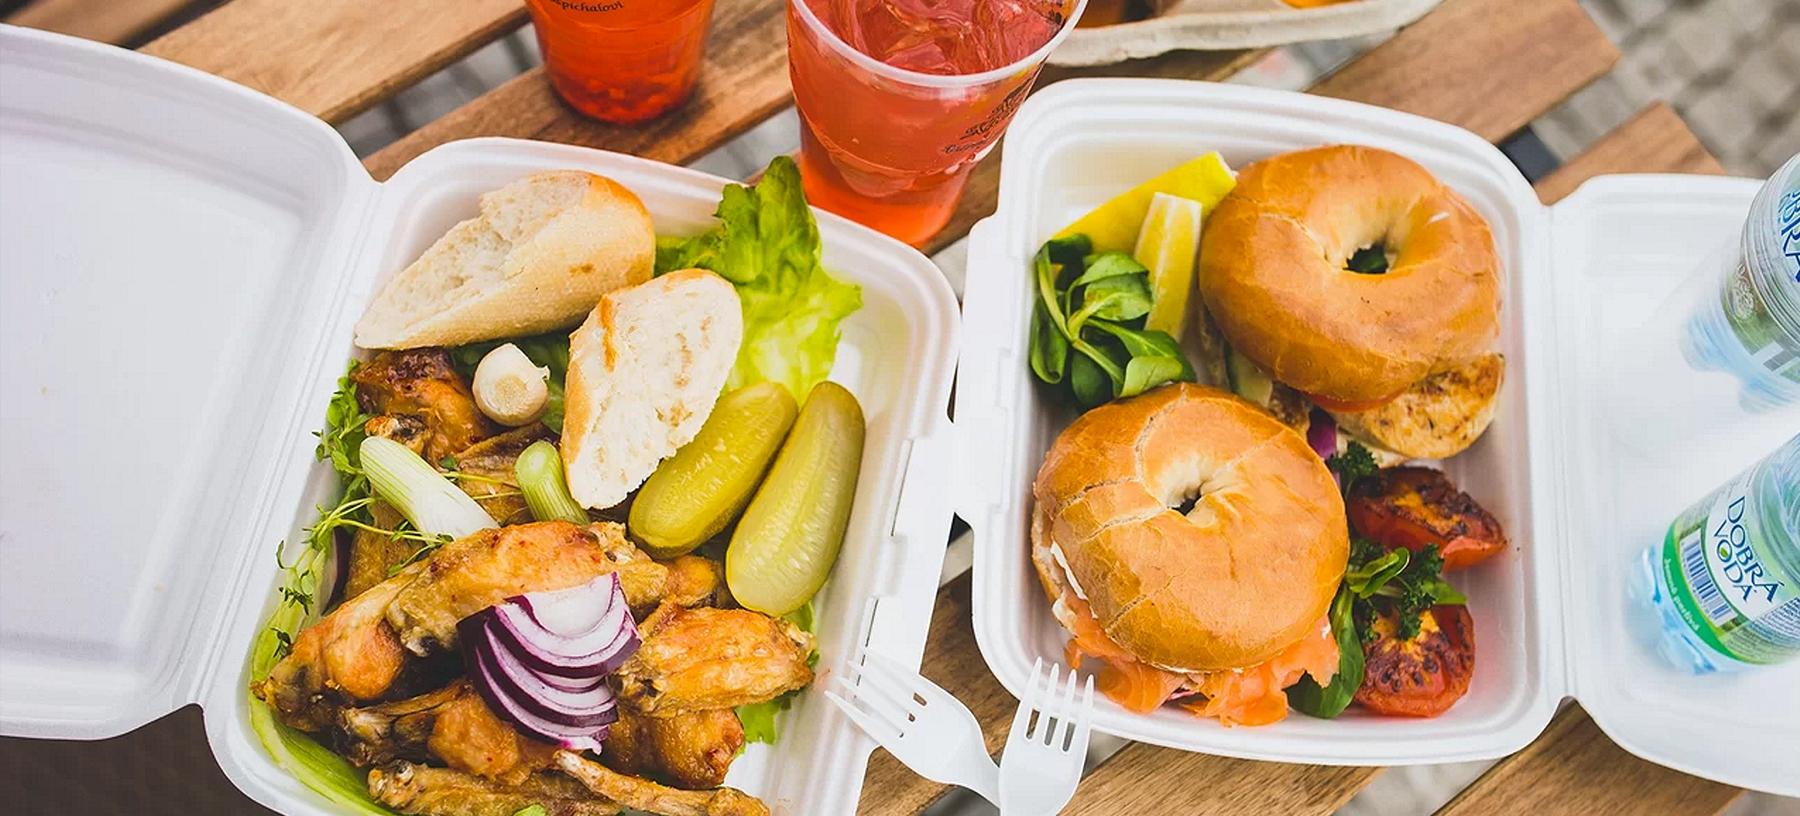 Piknik na náplavce – kuřecí křídla nebo bagely